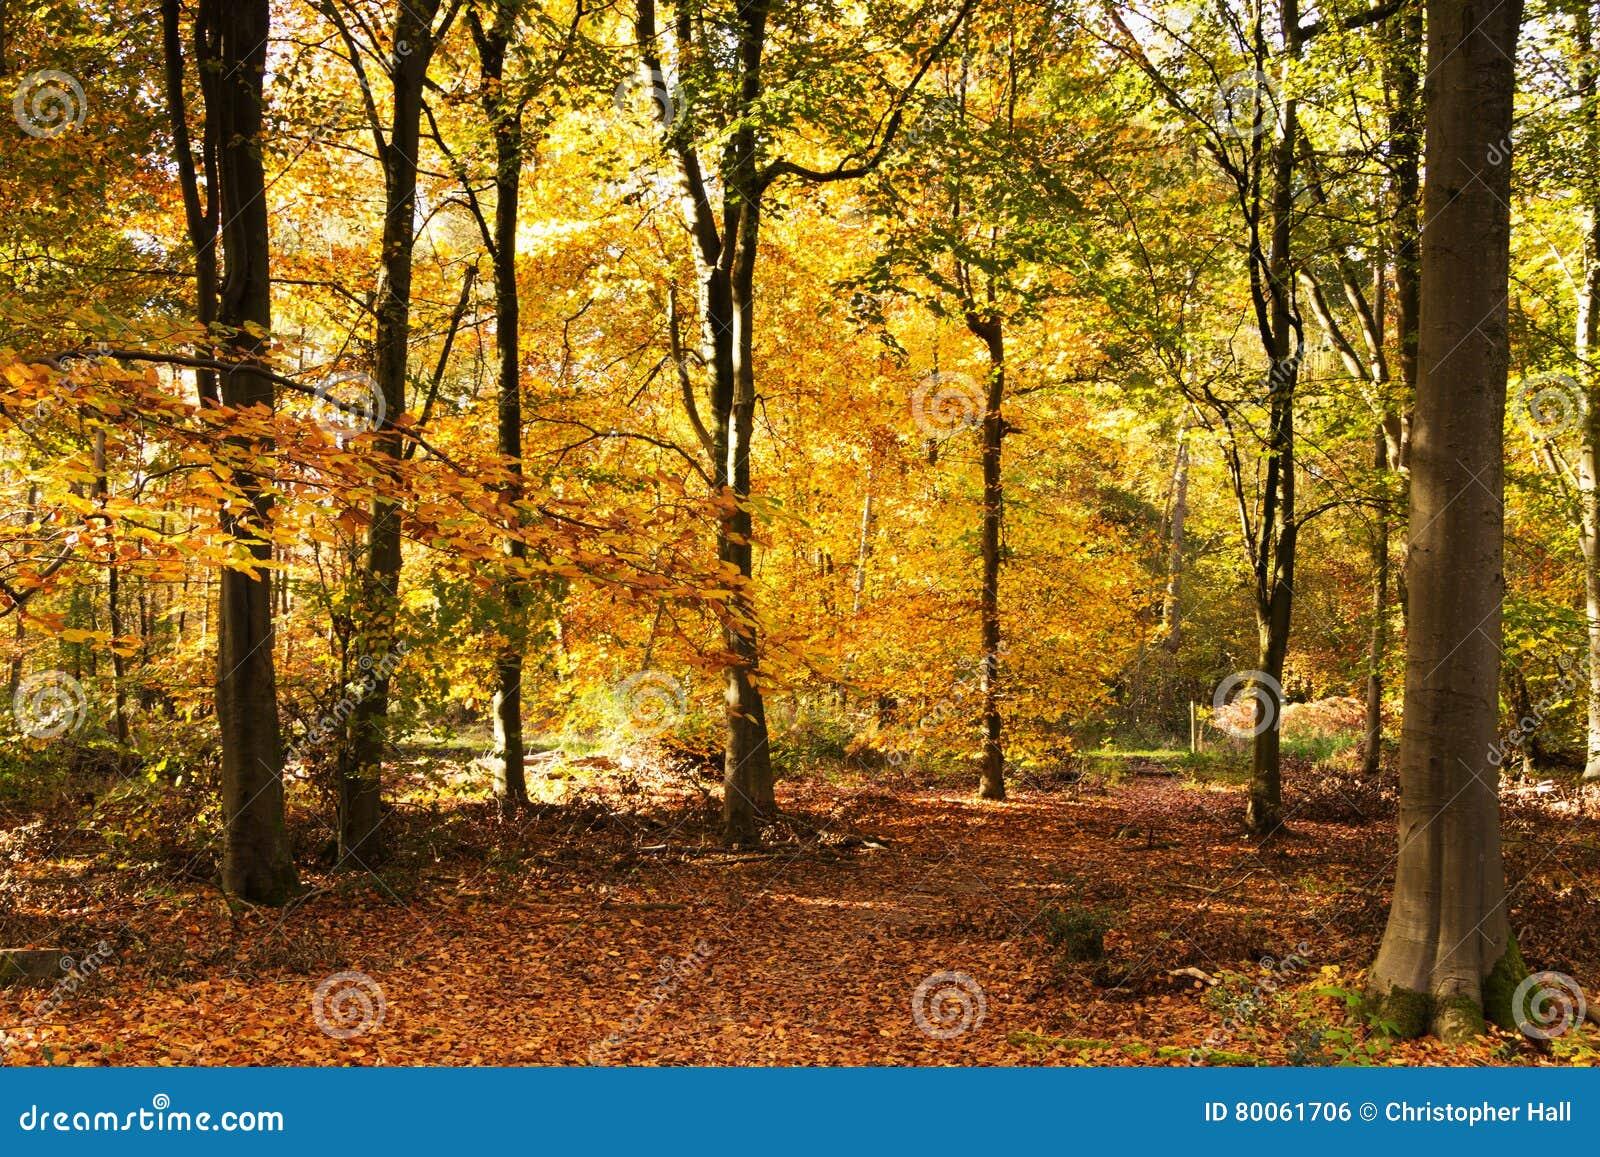 Waldszene mit gelbem und braunem Herbstlaub